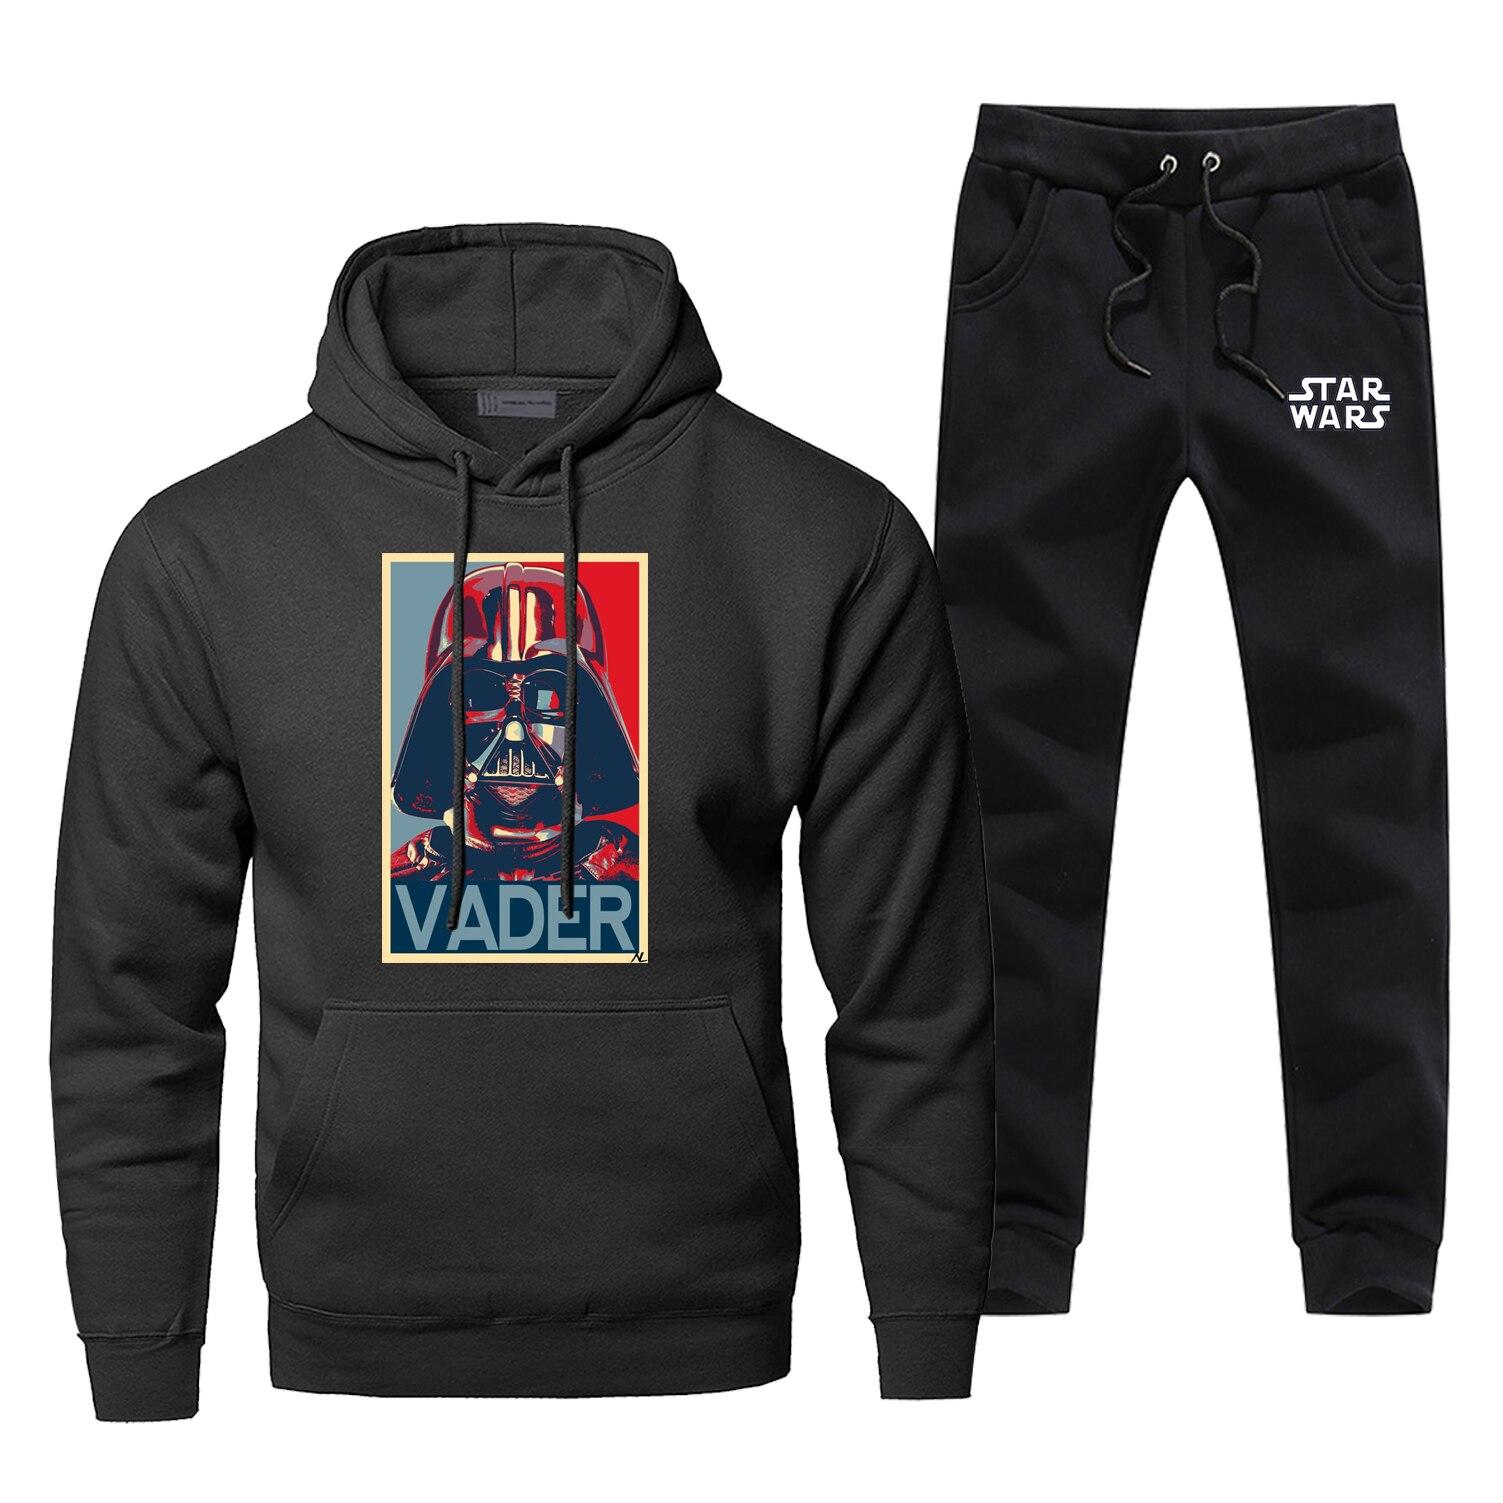 Hoodie Pants Set Star Wars Men Sweatshirt Male Darth Vader Hoodies Sweatshirts Mens Sets Two Piece Pant Pullover Starwars Coat